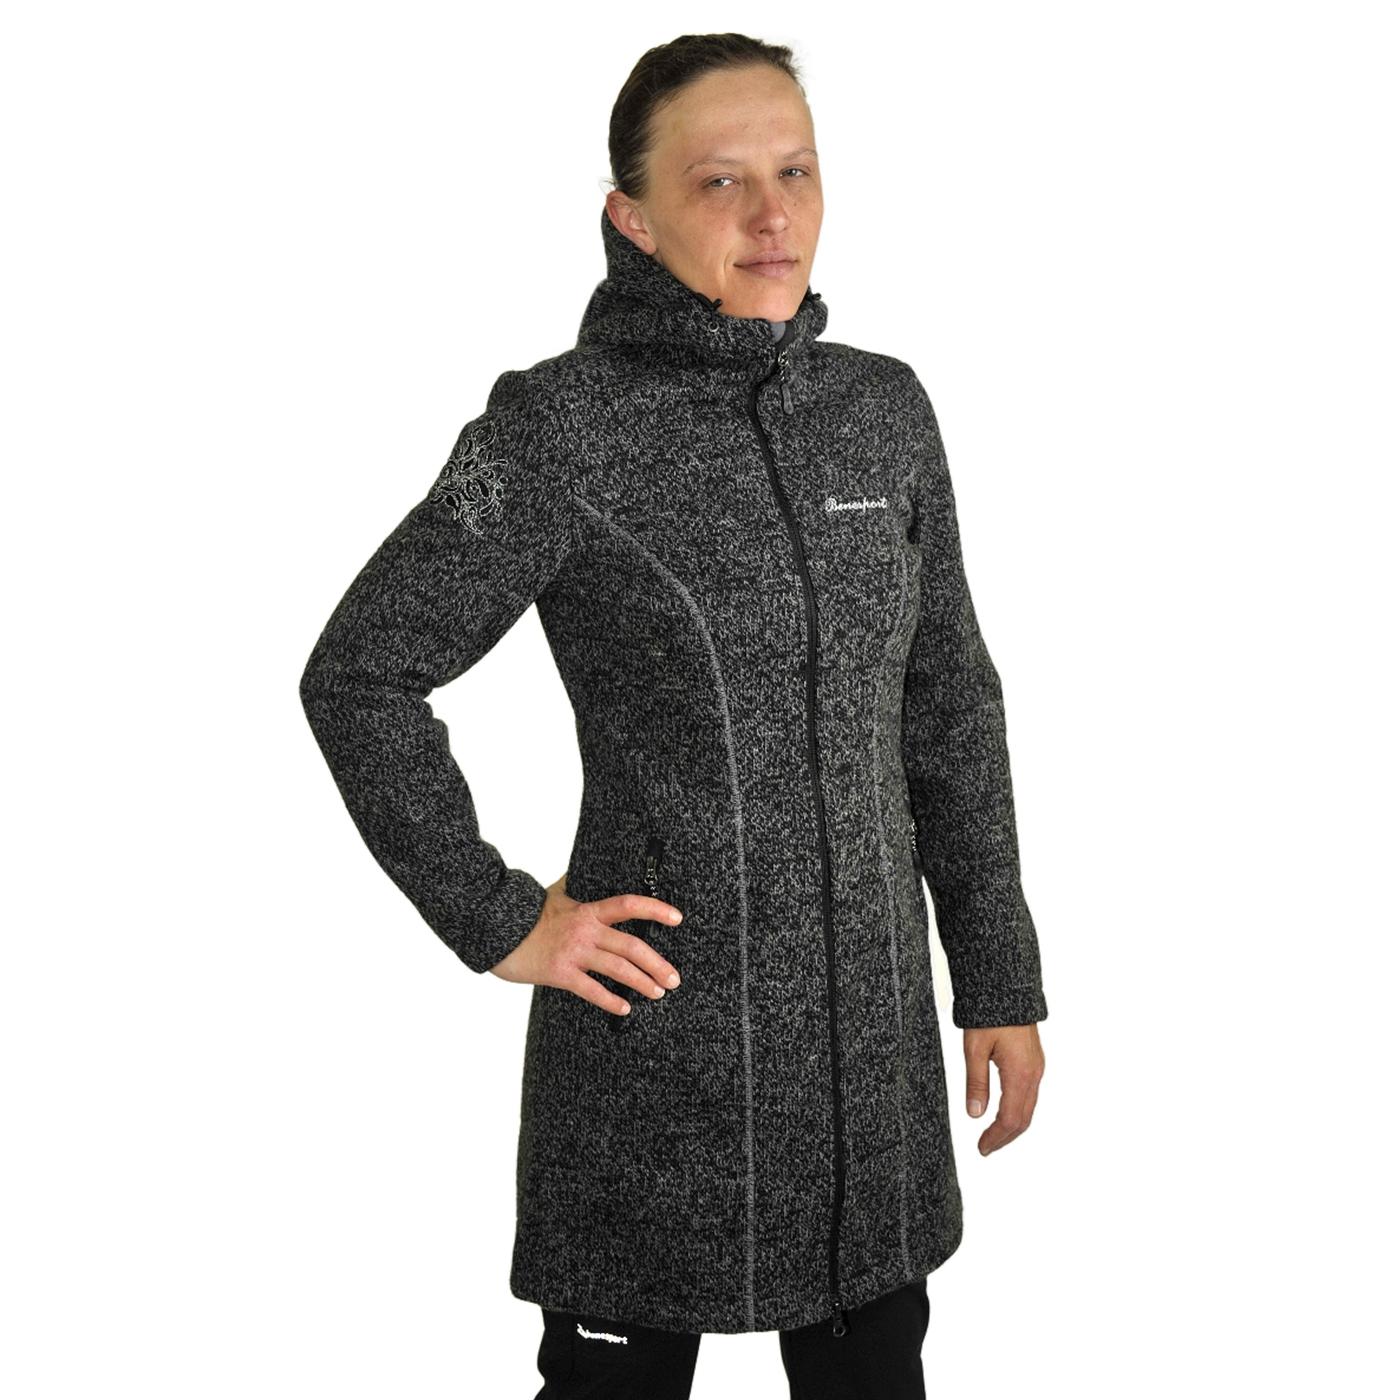 Benesport dámska bunda Pekelník - čierna, veľkosť S